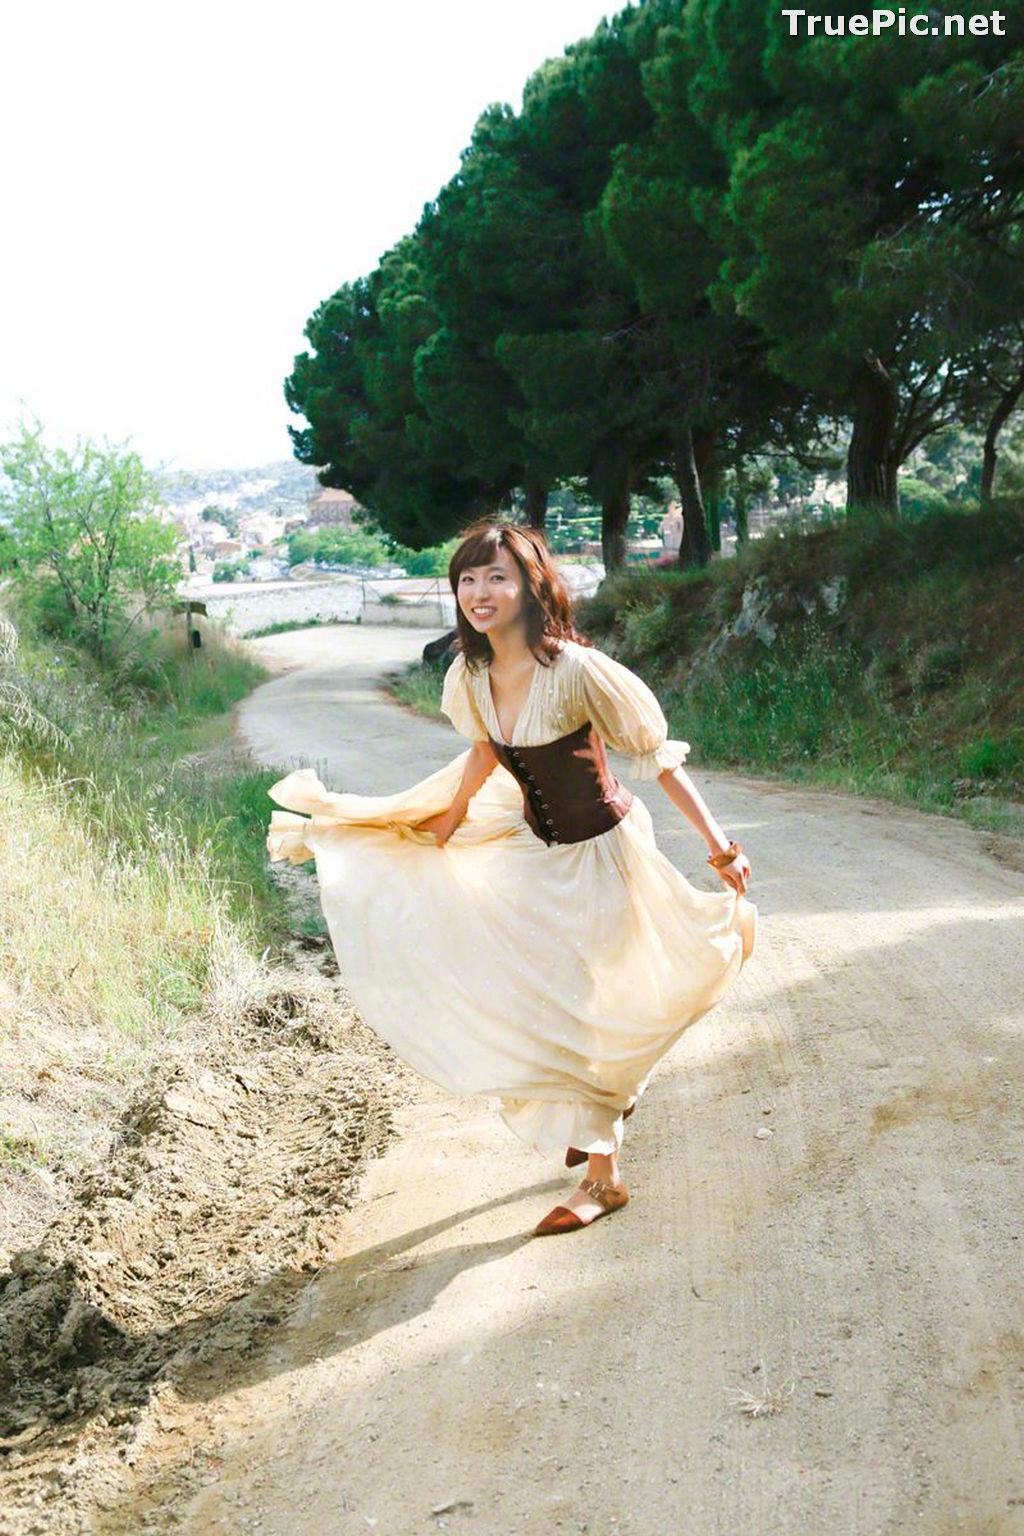 Image Wanibooks No.125 – Japanese Gravure Idol and Singer – Risa Yoshiki - TruePic.net - Picture-5